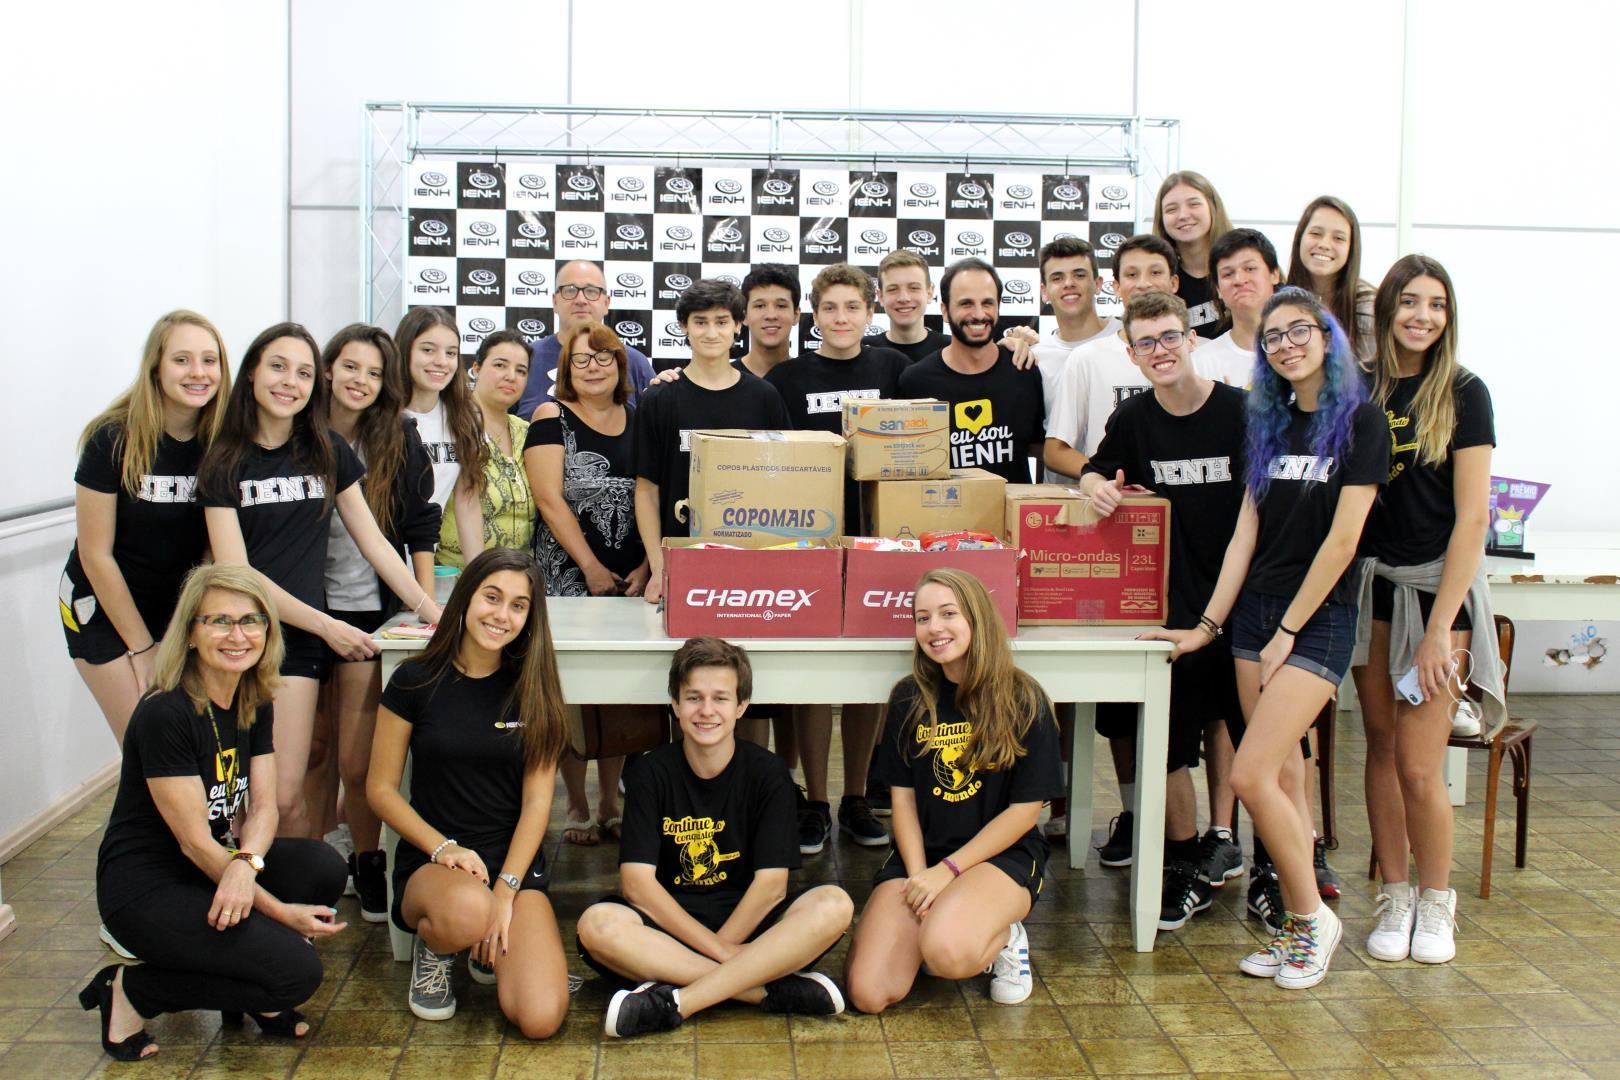 Donativos arrecadados pela IENH são entregues às entidades sociais